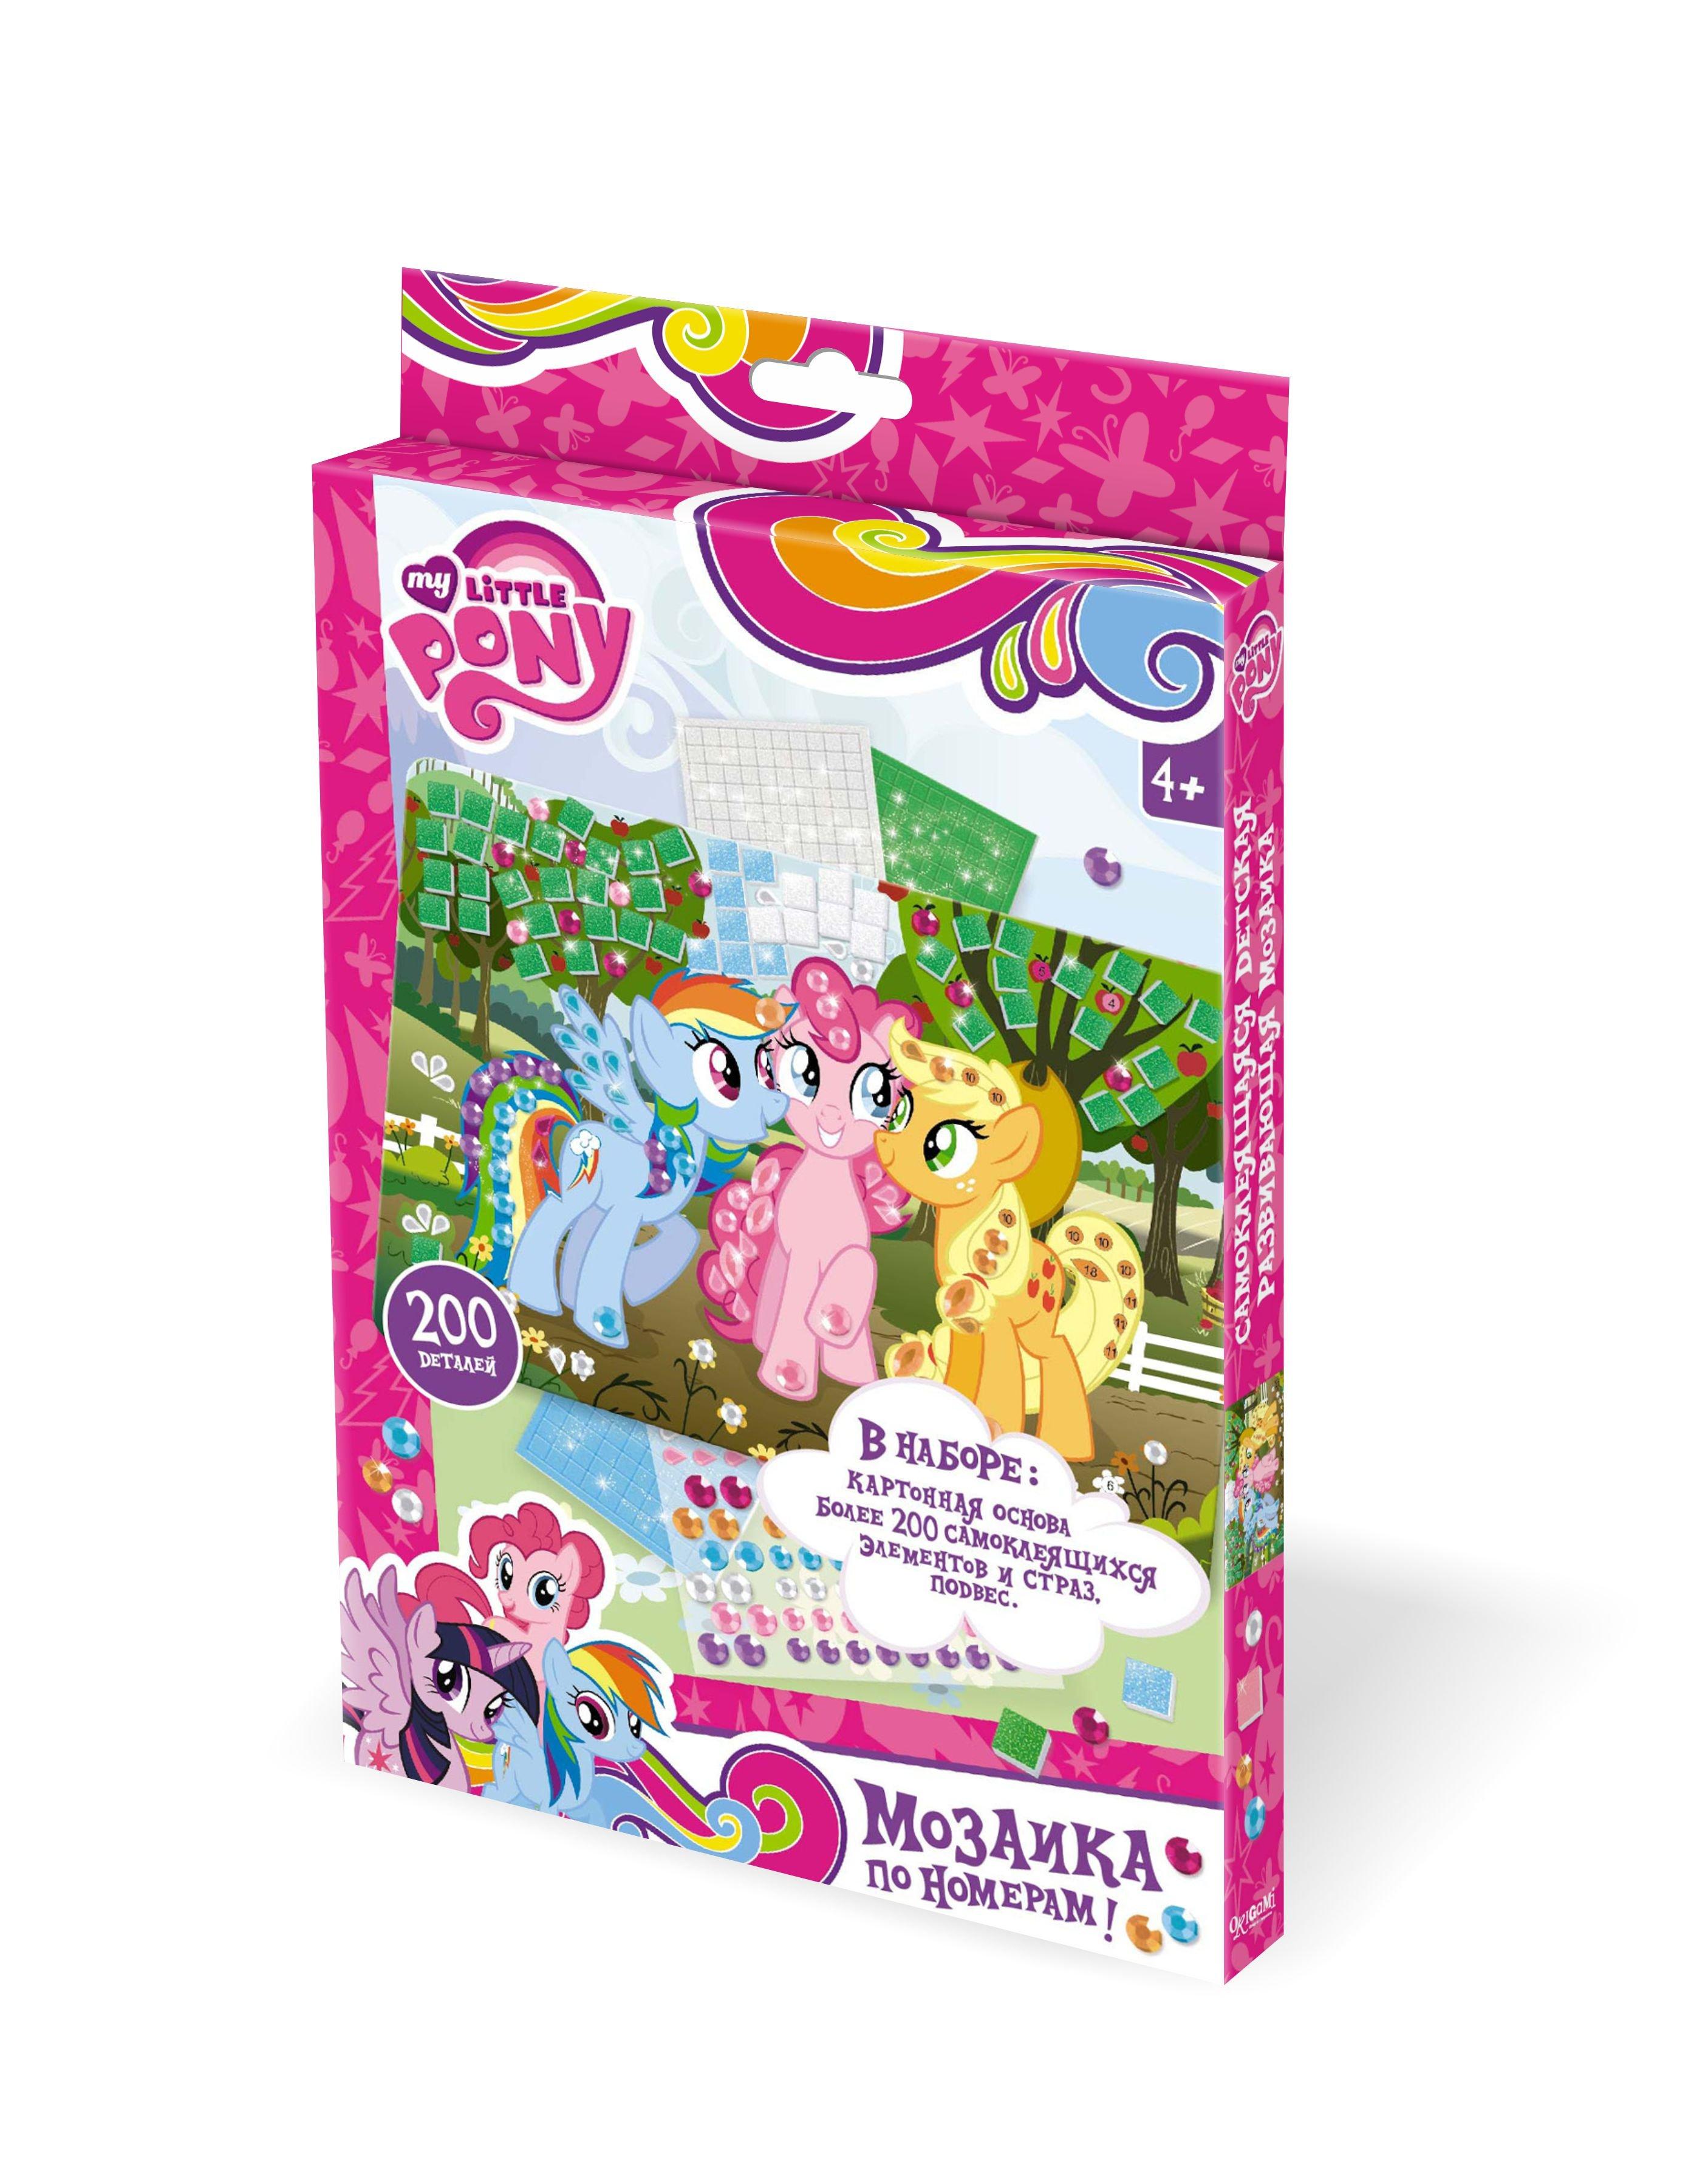 Пони. Мозаика. Магия дружбы. арт. 02271 пони зима пазл 35 гиг магия дружбы 4 открытки 04324